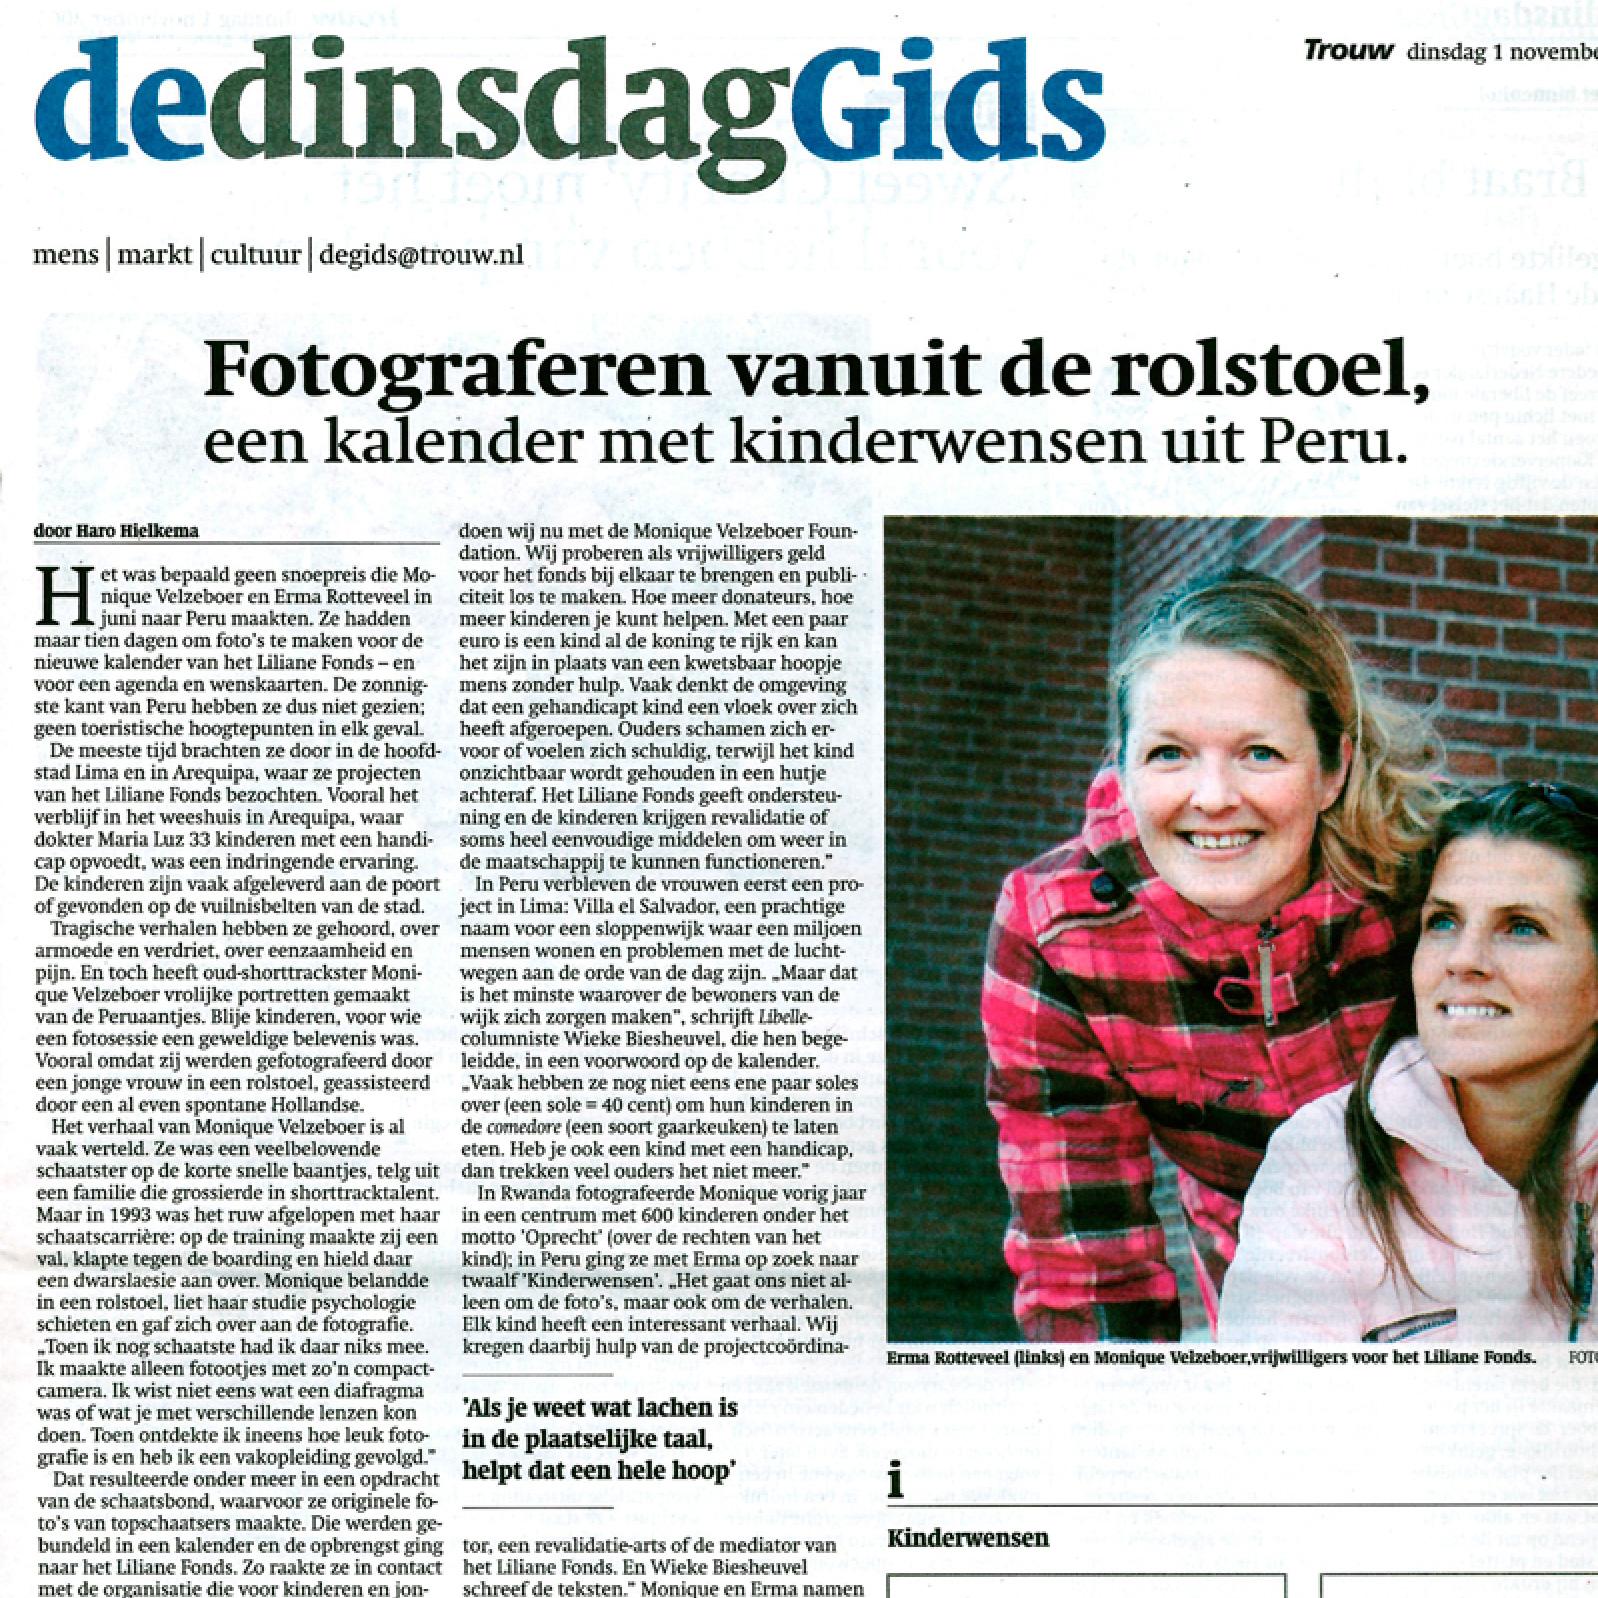 Fotograferen vanuit de rolstoel  Trouw  01-11-05